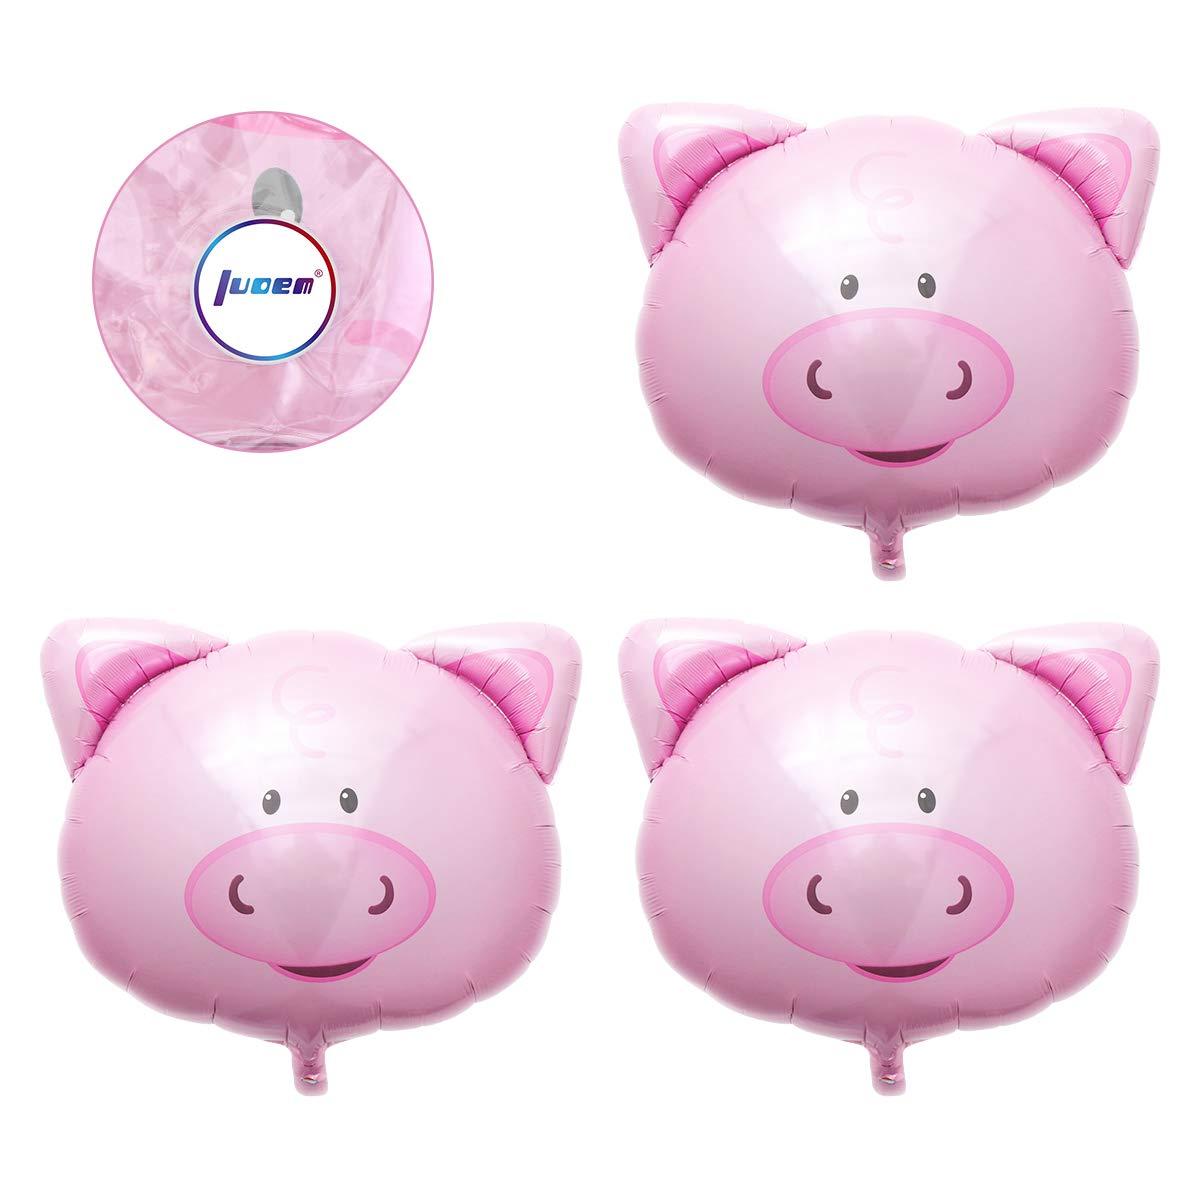 Amazon.com: LUOEM 4pcs Pig Mylar Globo Rosa Pig Cabeza ...